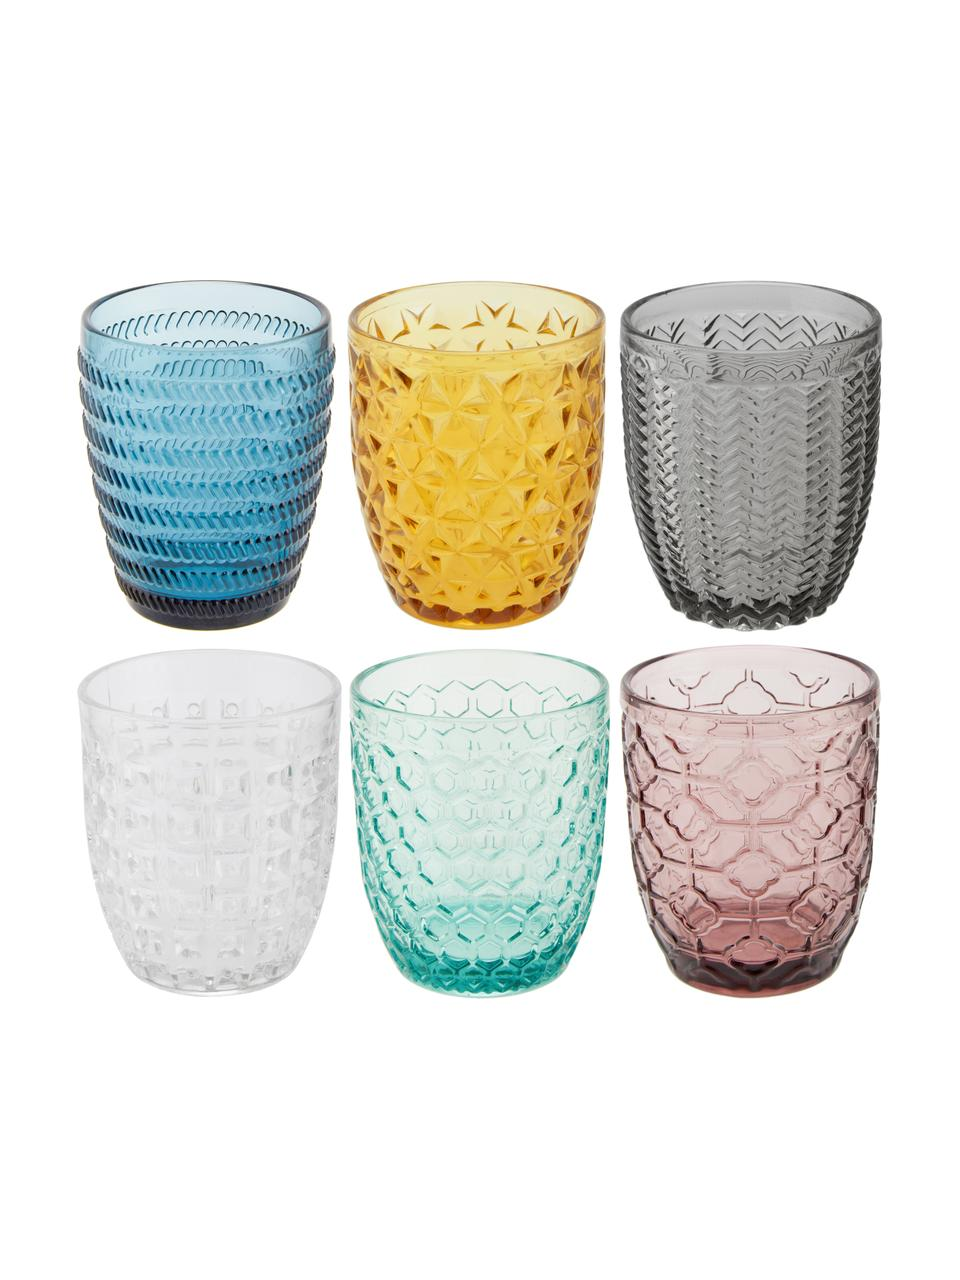 Waterglazen Geometrie met structuurpatroon in kleur, 6-delig, Glas, Blauw, groen, grijs, roze, goudgeel, transparant, Ø 8 x H 10 cm